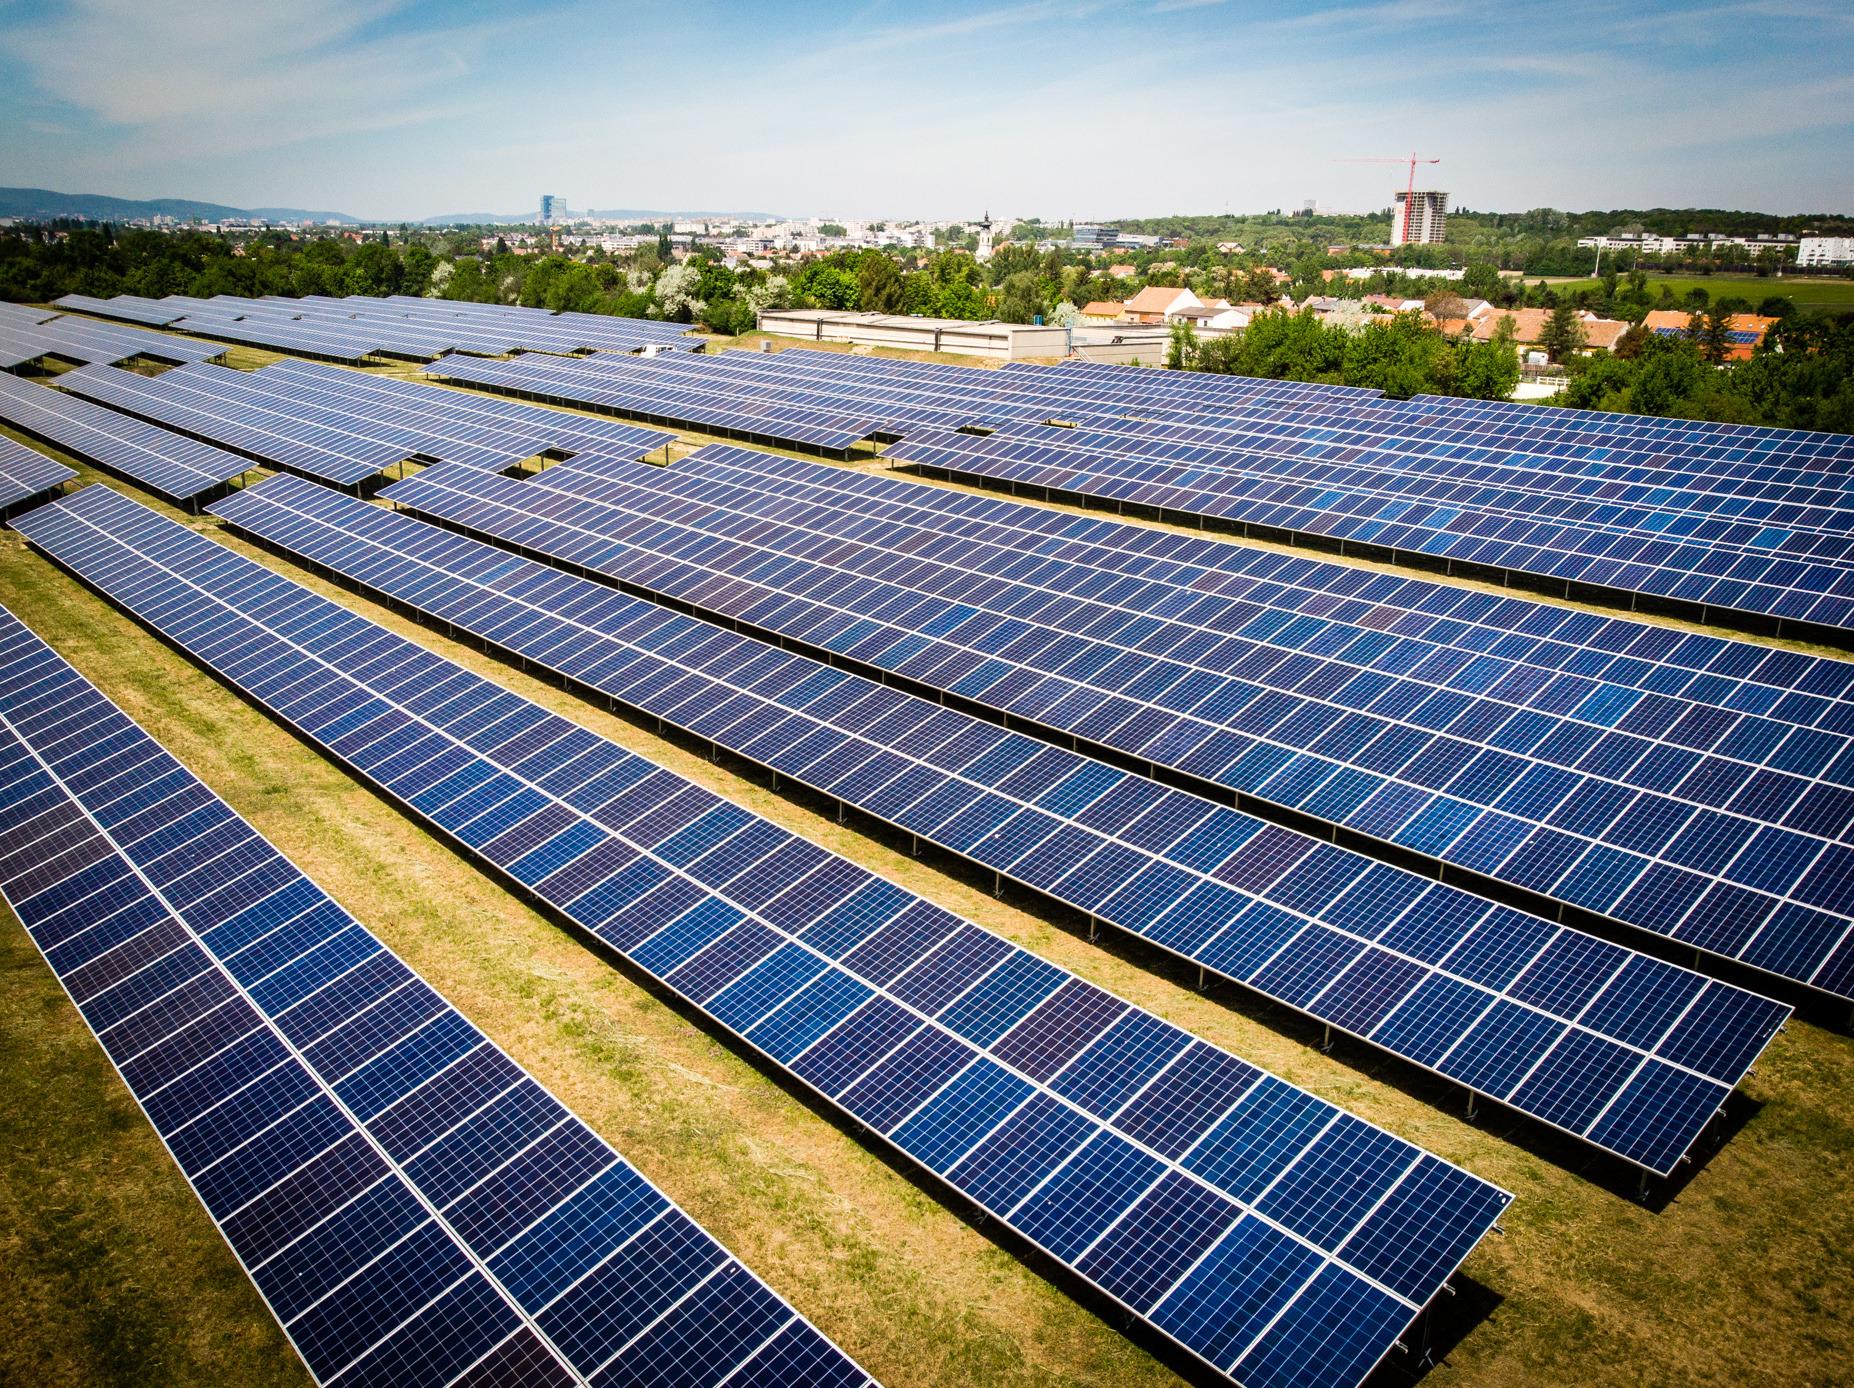 """Photovoltaik erhält extrem Breite Zustimmung hinsichtlich erneuerbarer Energien. Hier ein Teil des neuen """"BürgerInnen-Solarkraftwerks"""" Foto: © MA31/Fürthner"""